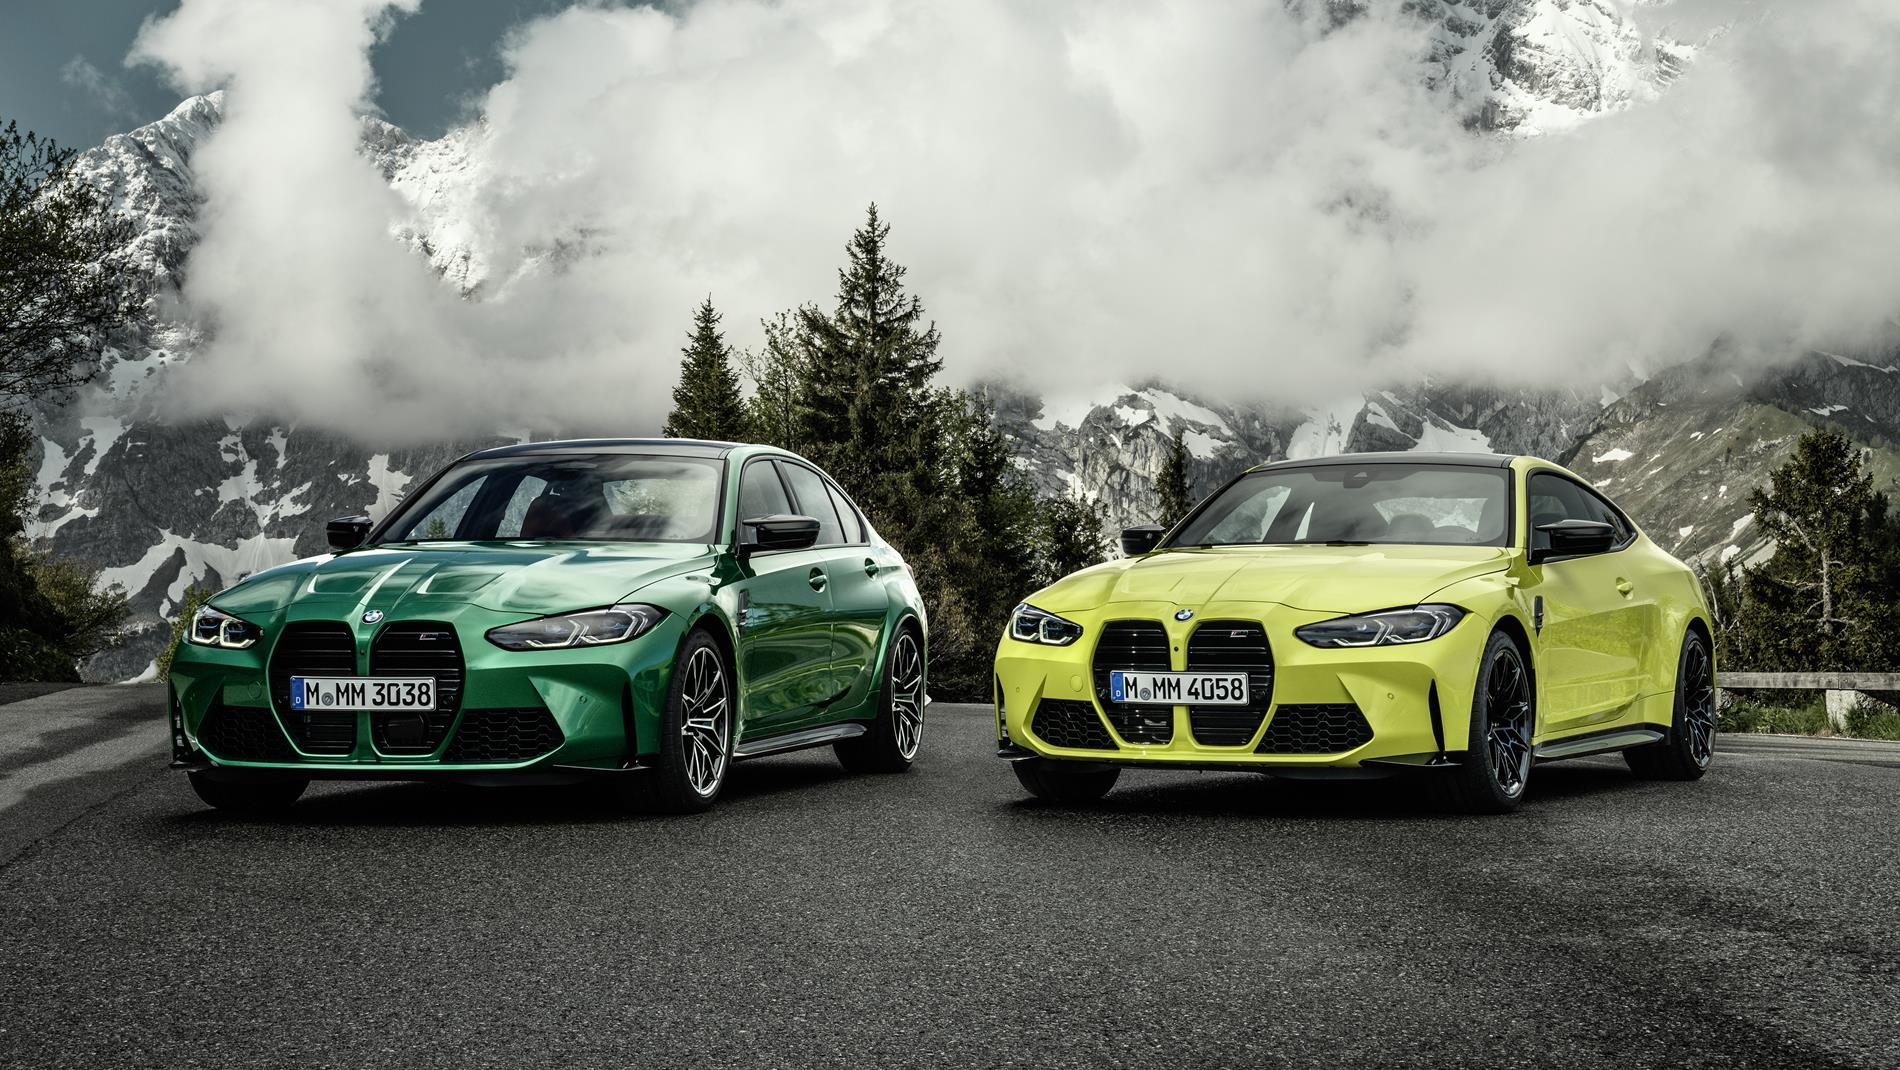 Novos BMW M3 e M4 Coupé têm até 510 cv, tração integral e modo drift